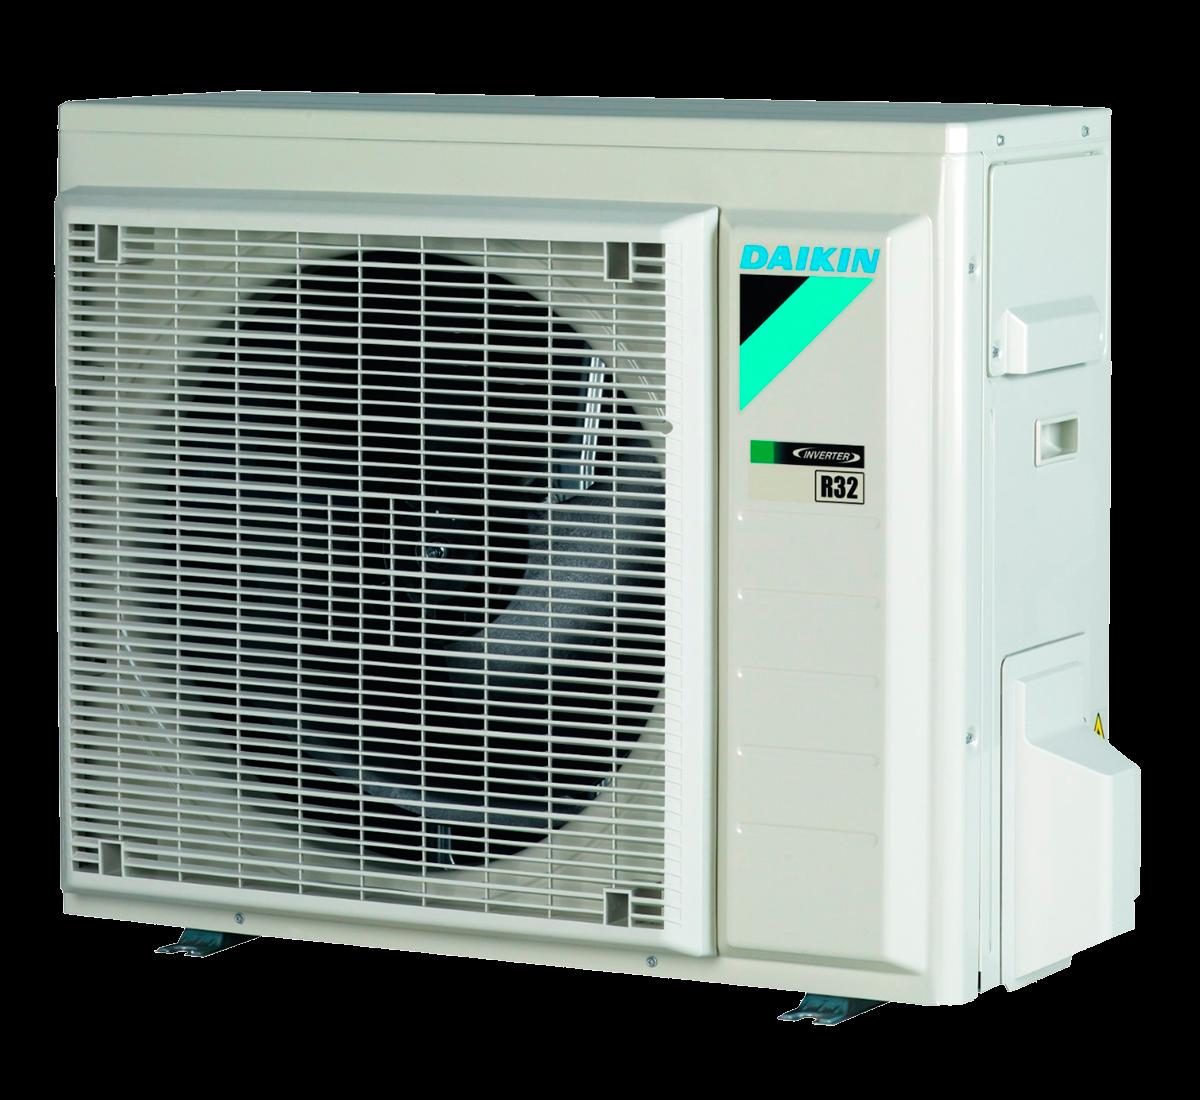 aire acondicionado unidad exterior daikin inverter bluevolution rxm25n9 modelo perfera txm25n instalacion incluida caseragua 03